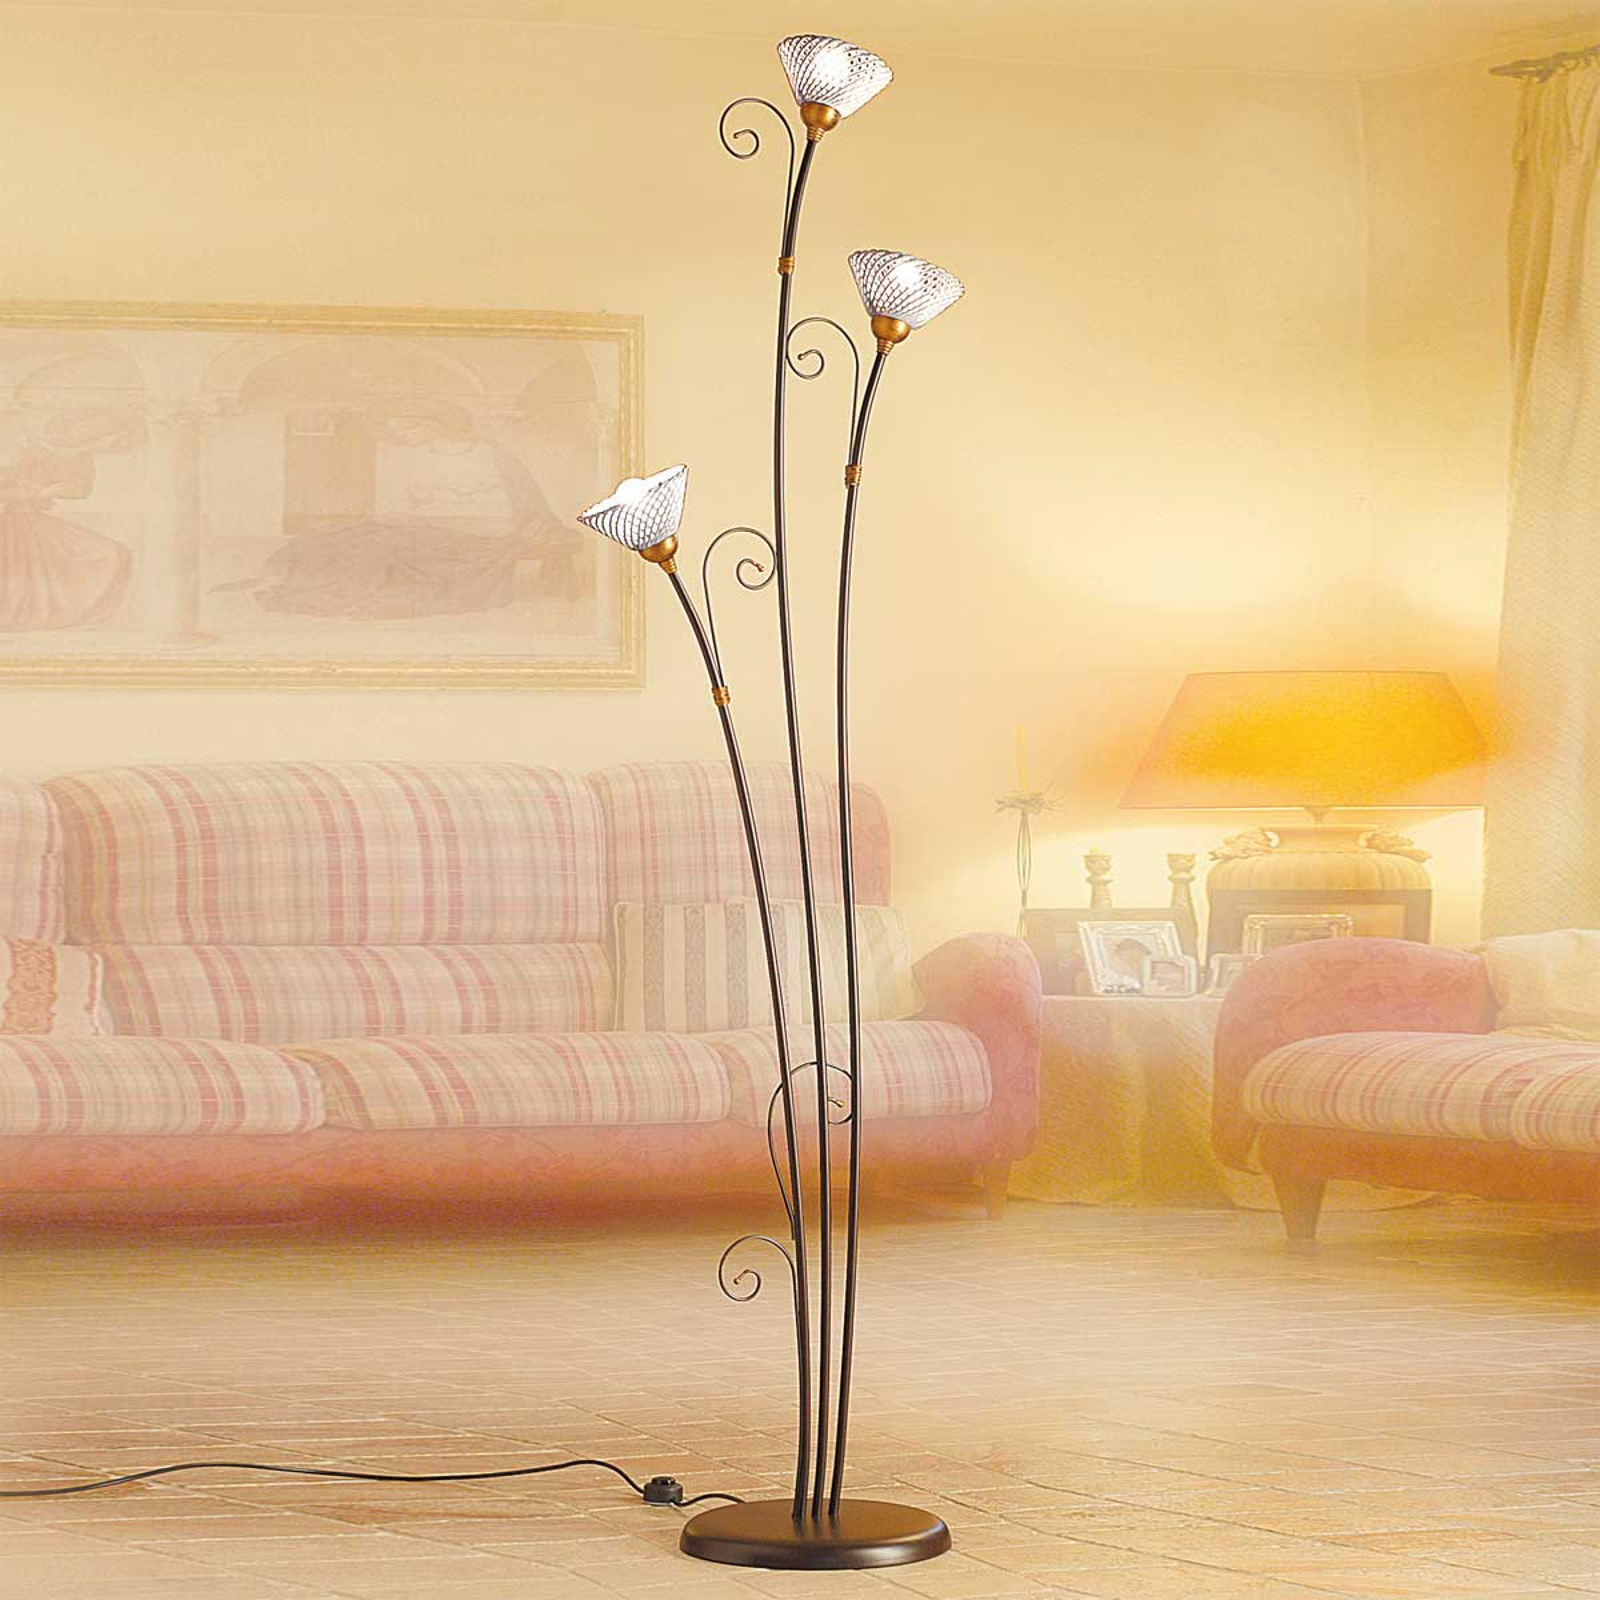 Edel RETINA stålampe med tre lys